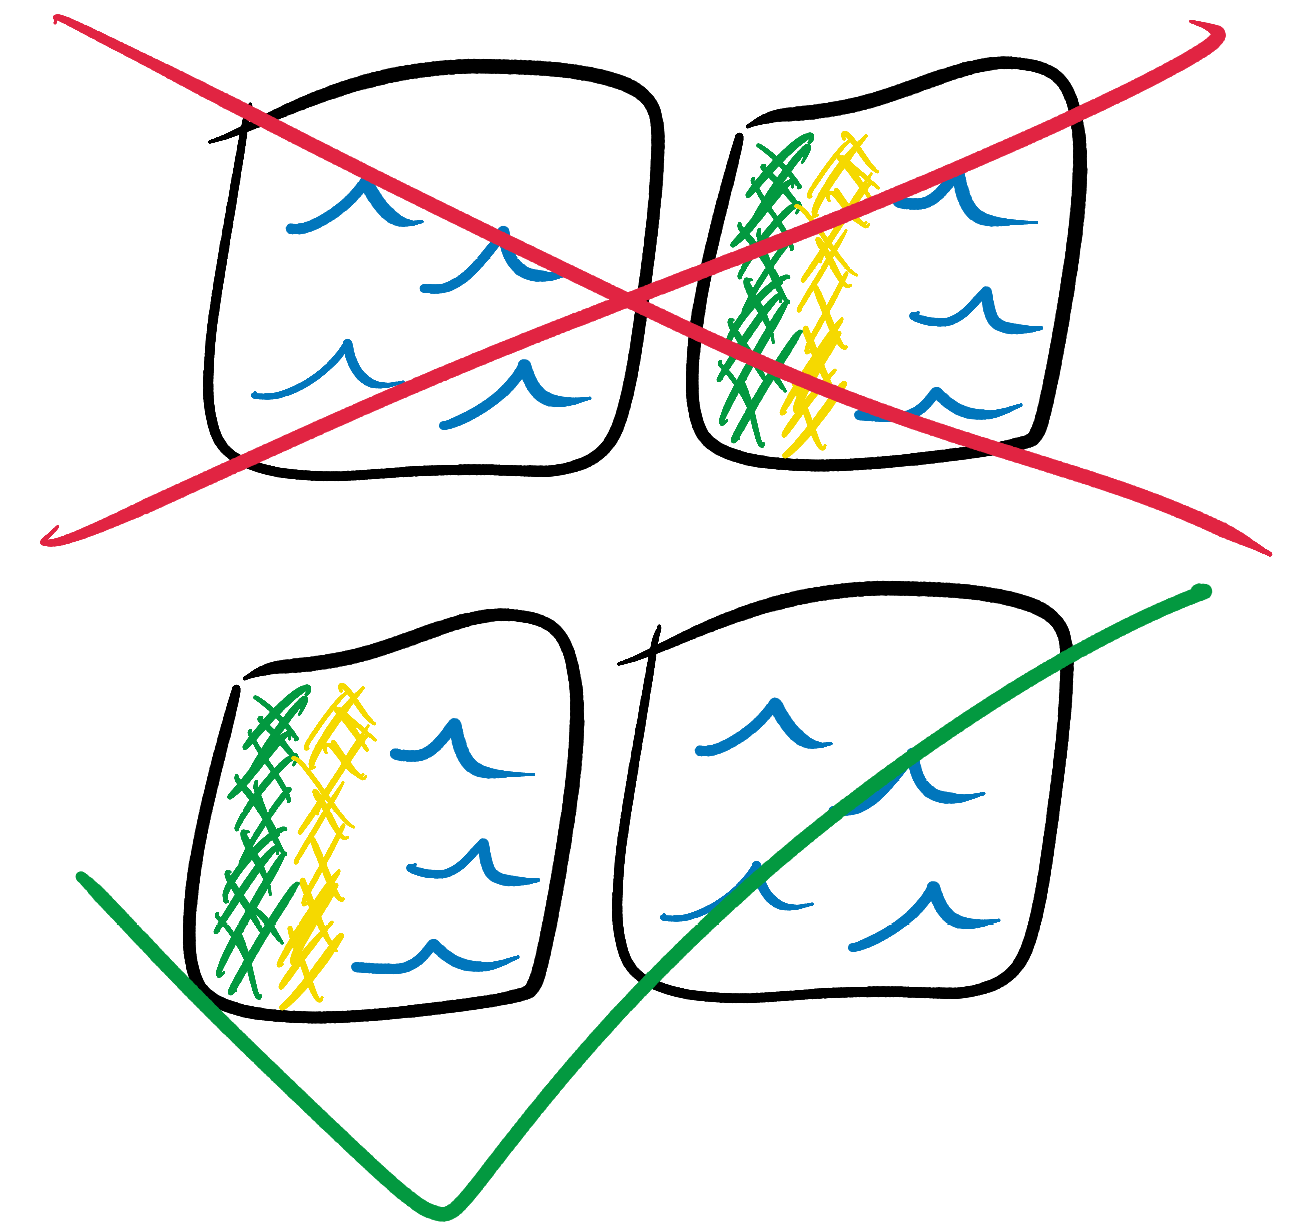 Доступное объяснение алгоритма коллапса волновой функции - 8